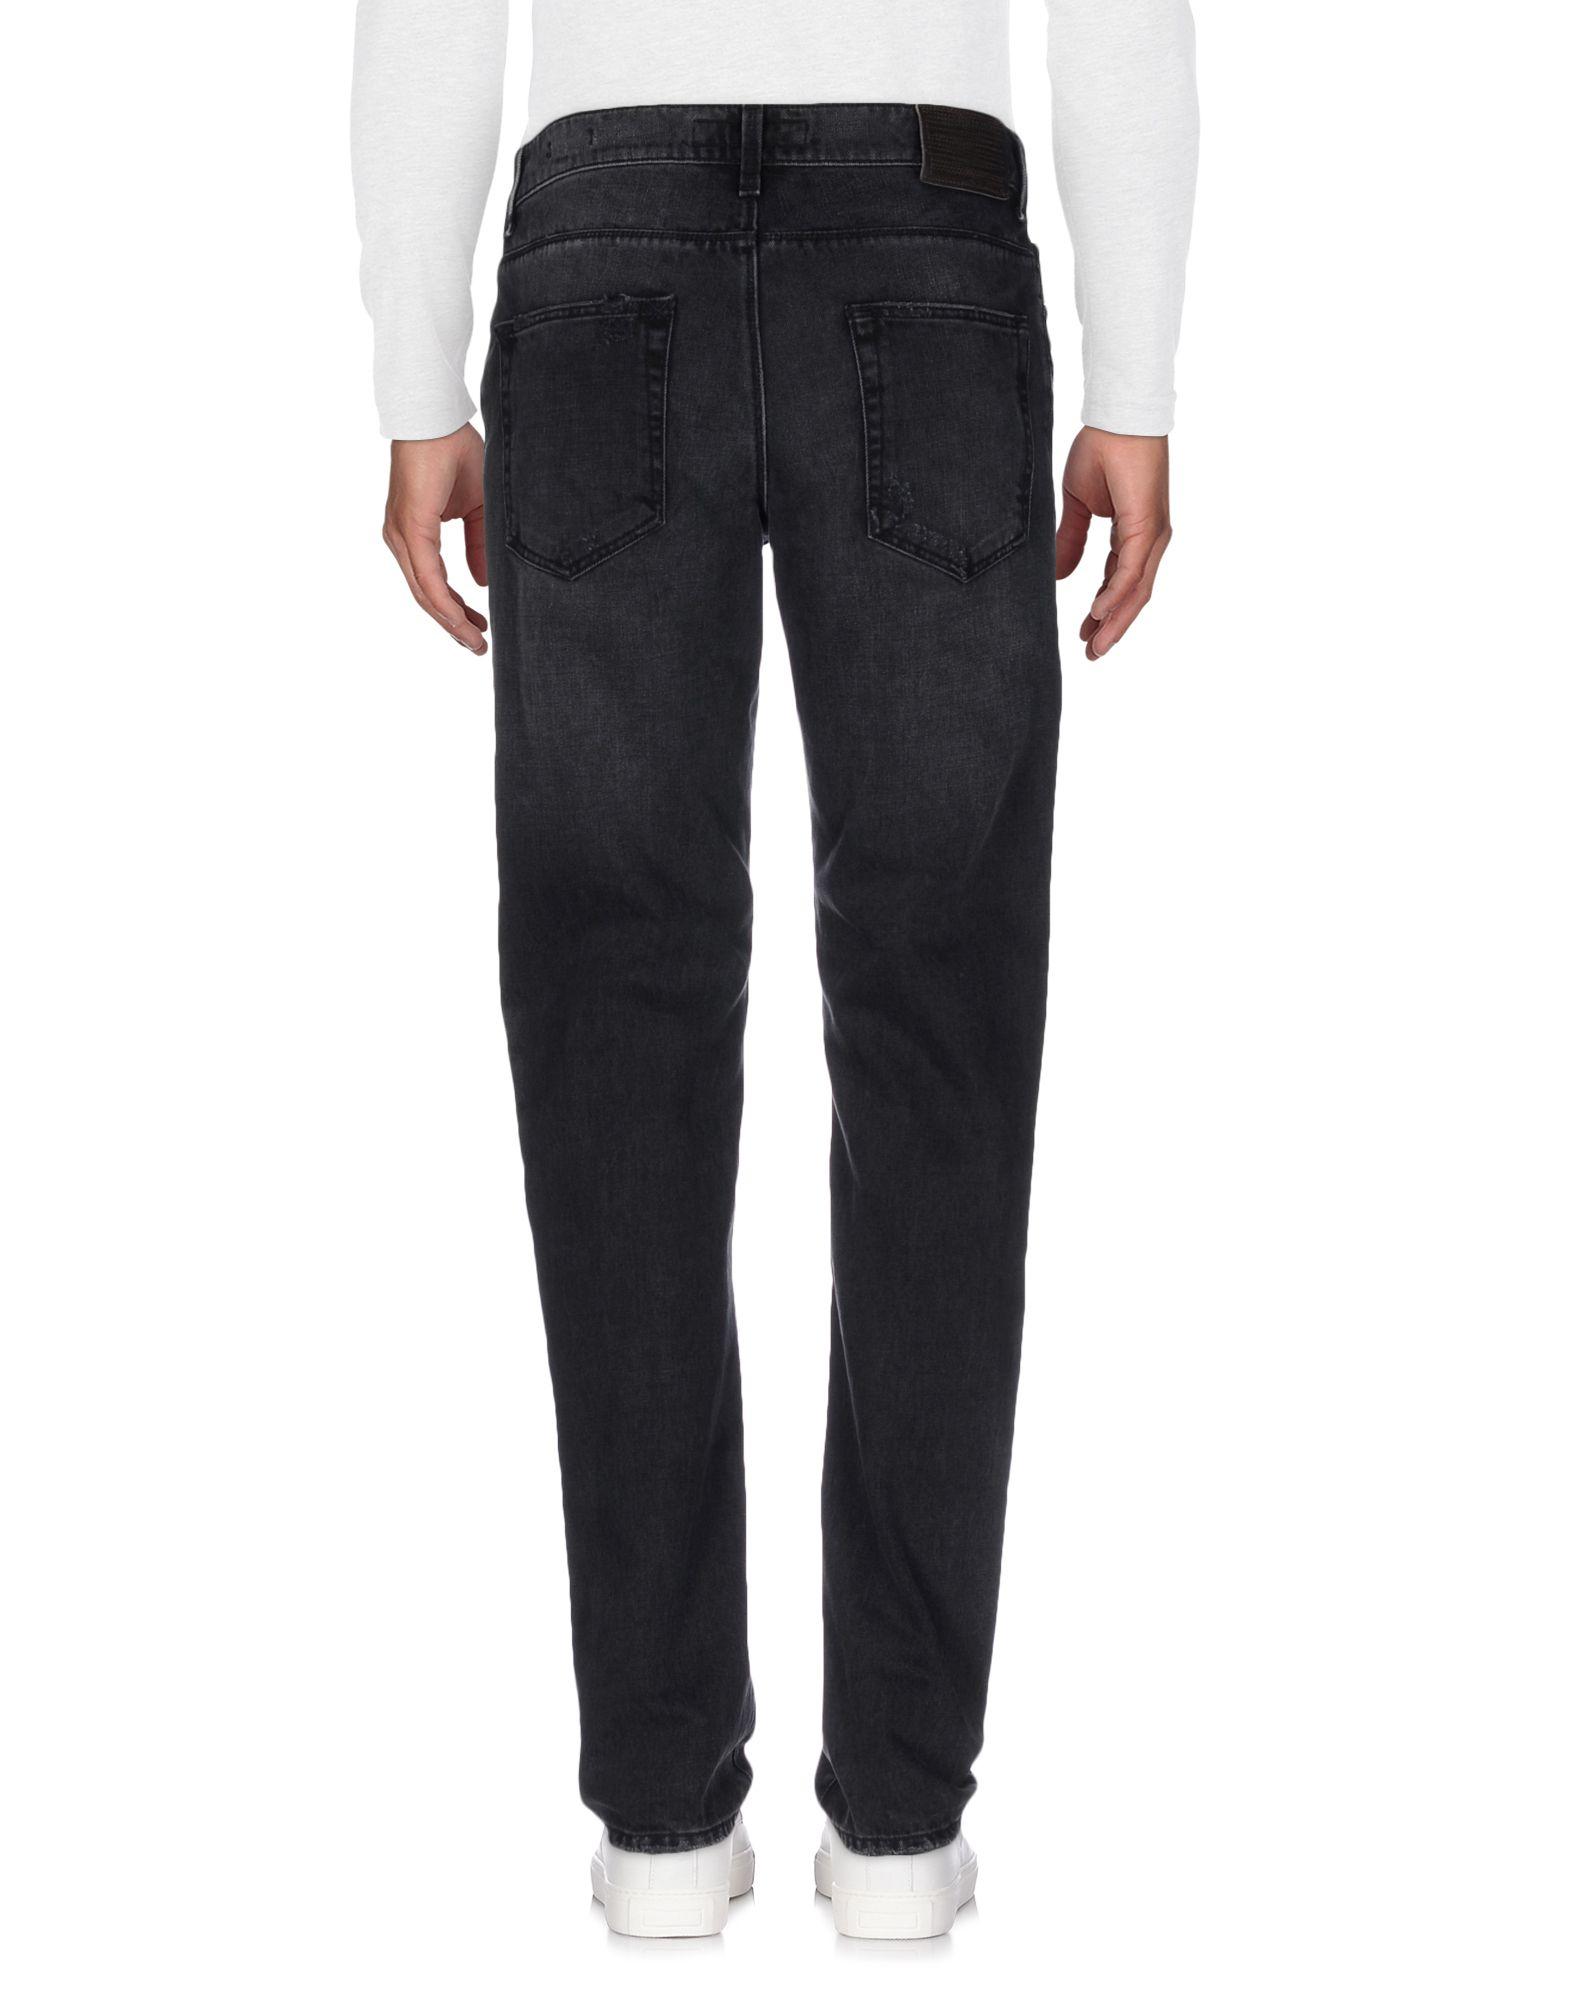 Pantaloni Jeans Trussardi Jeans - Uomo - Jeans 42519826SP e03edc